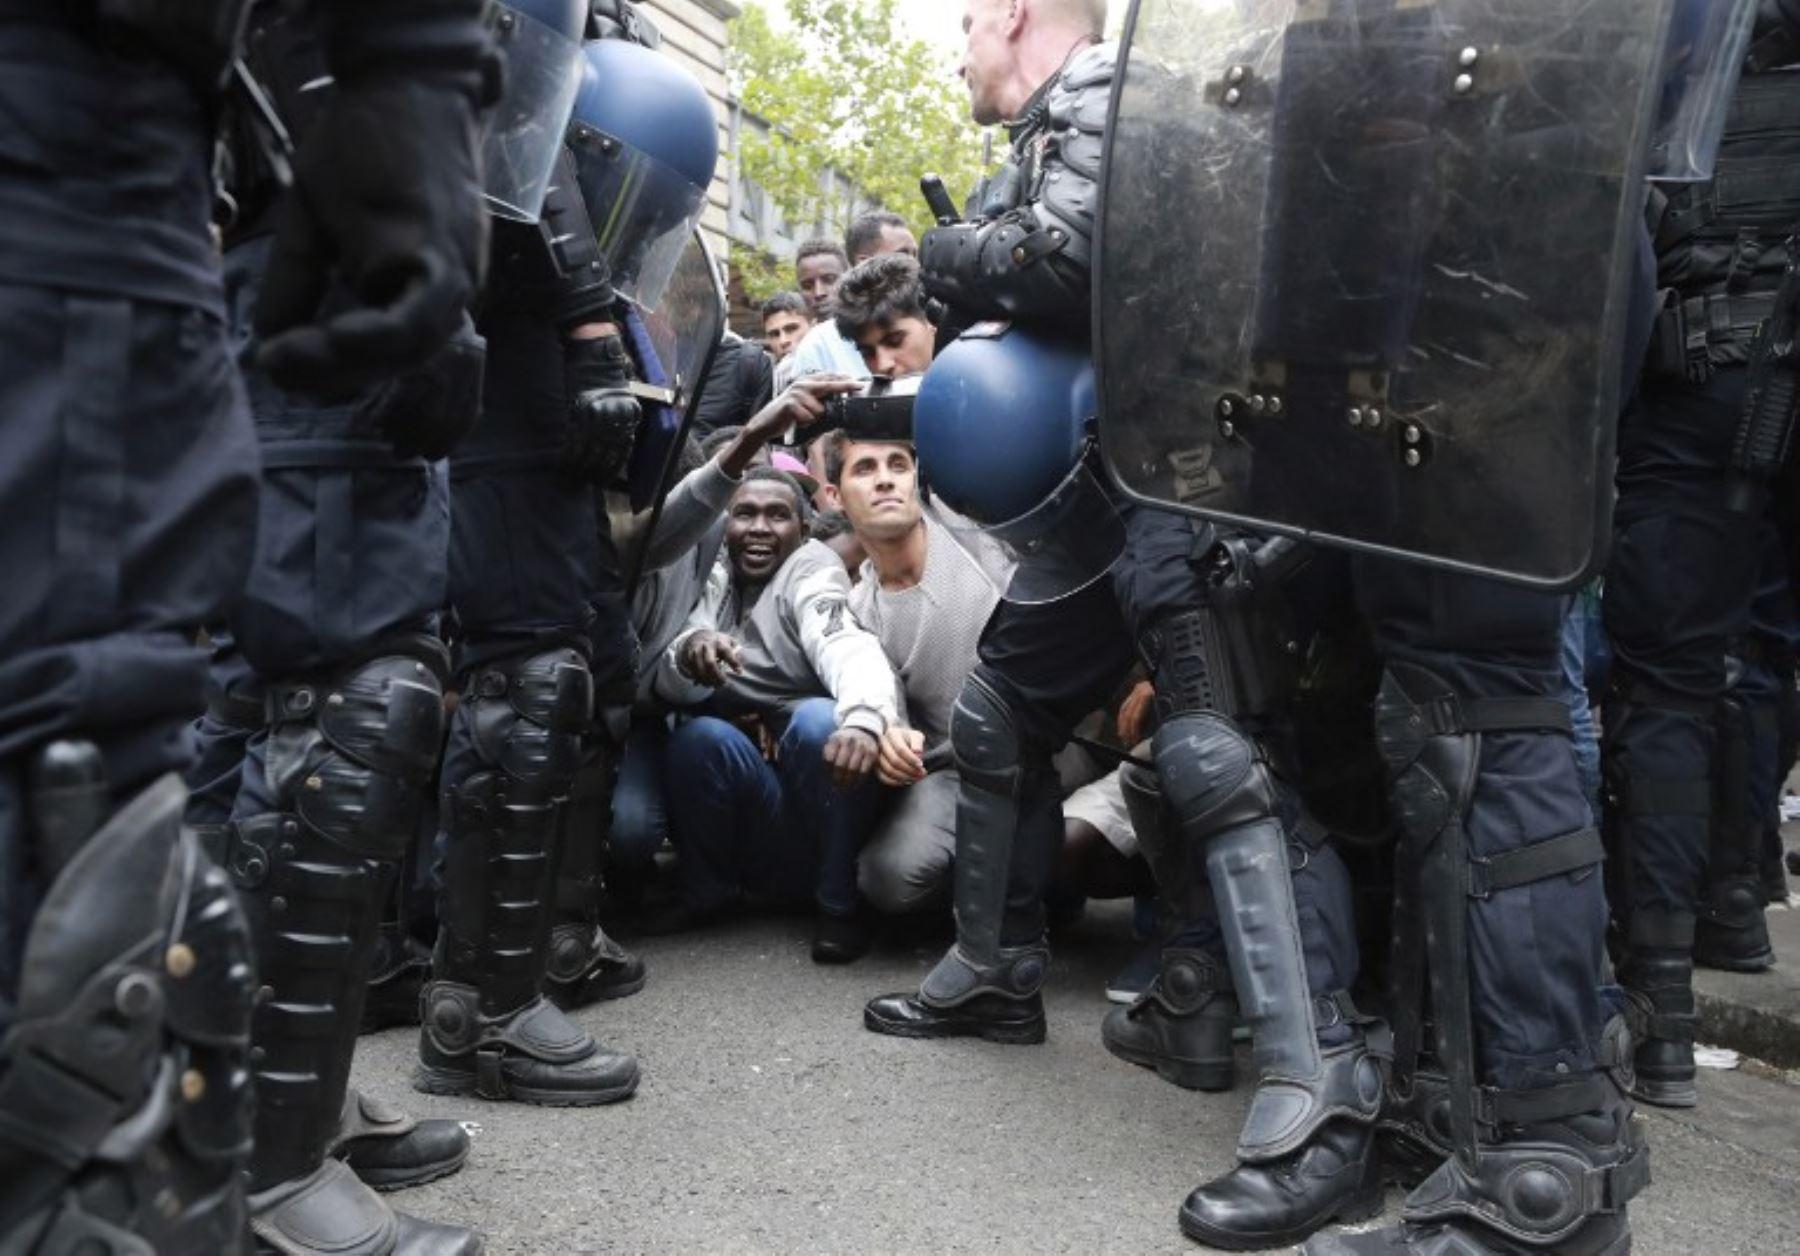 Migrantes son expulsados de un campamento improvisado por policías franceses. Foto: AFP